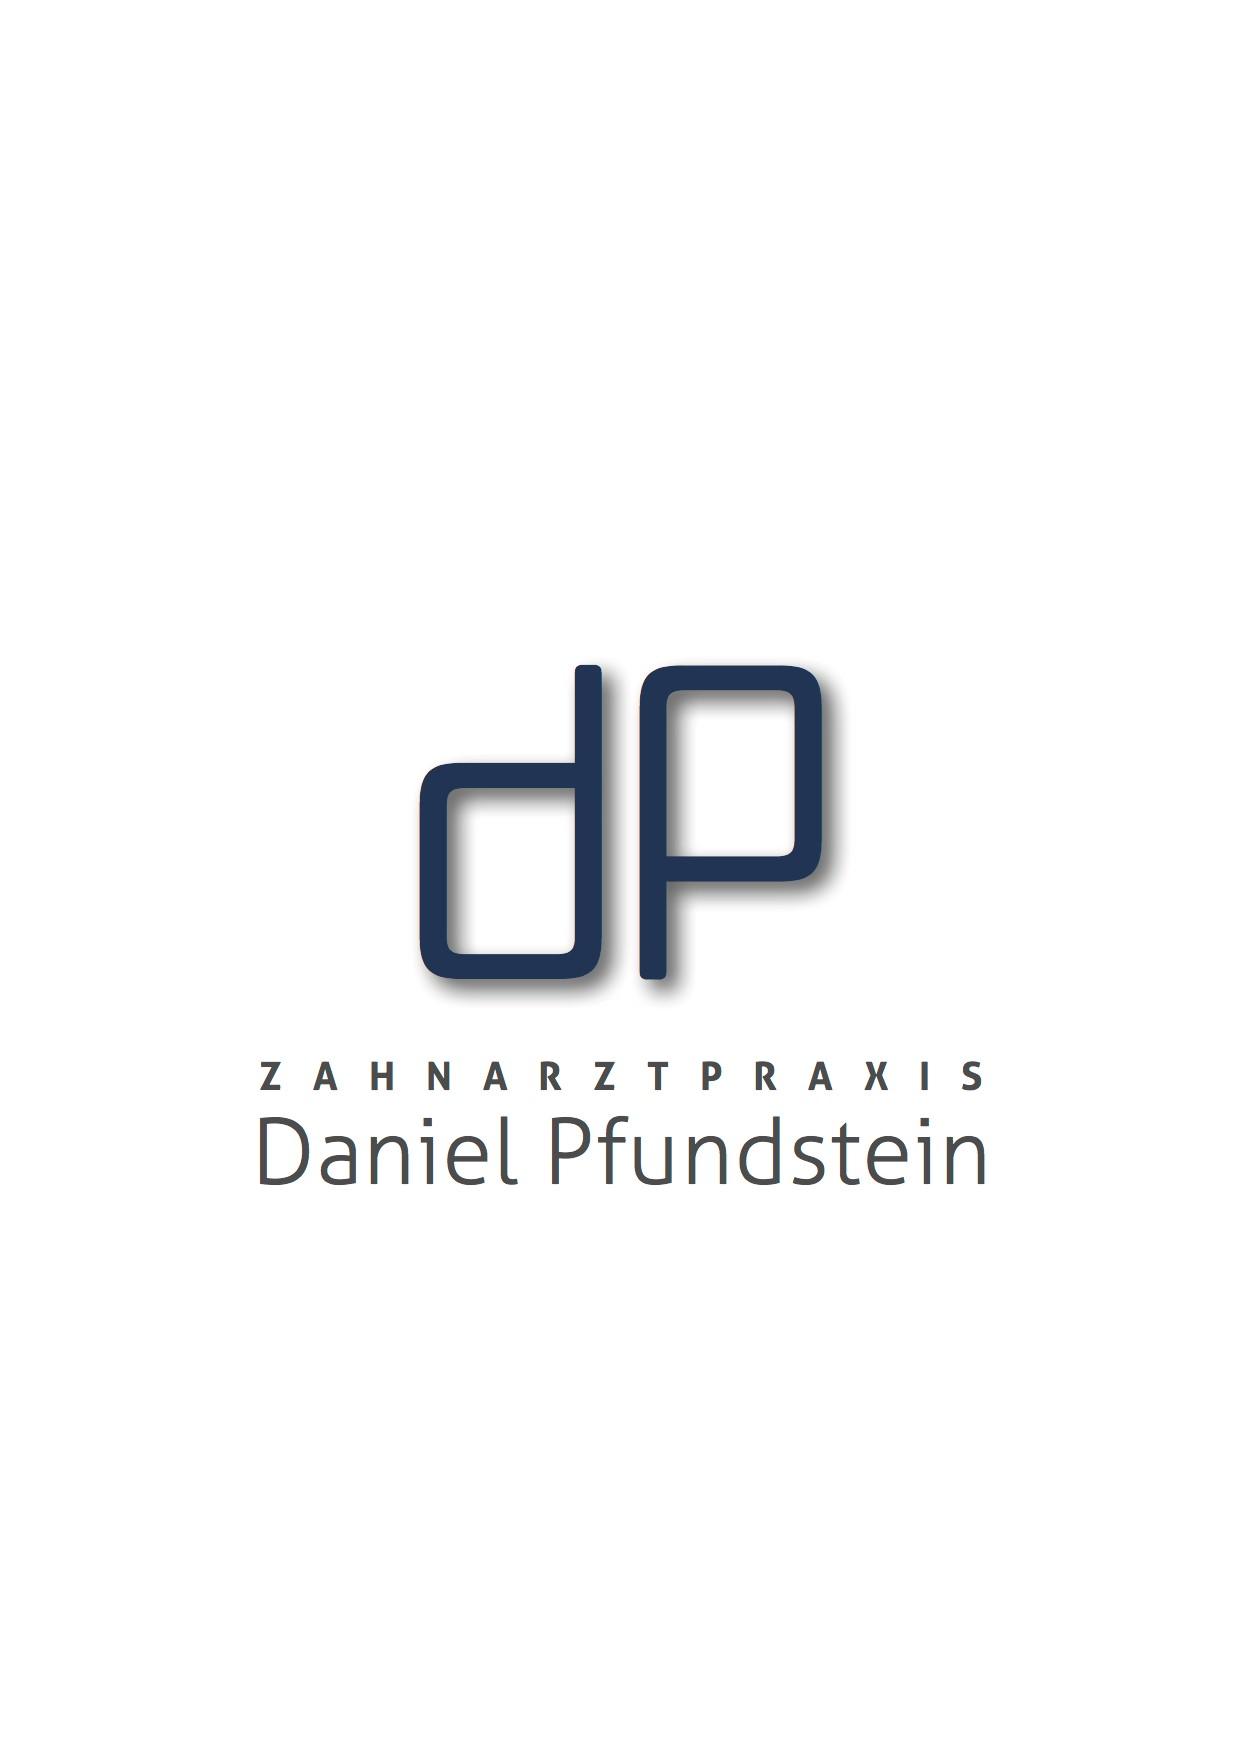 Zahnarztpraxis Daniel Pfundstein